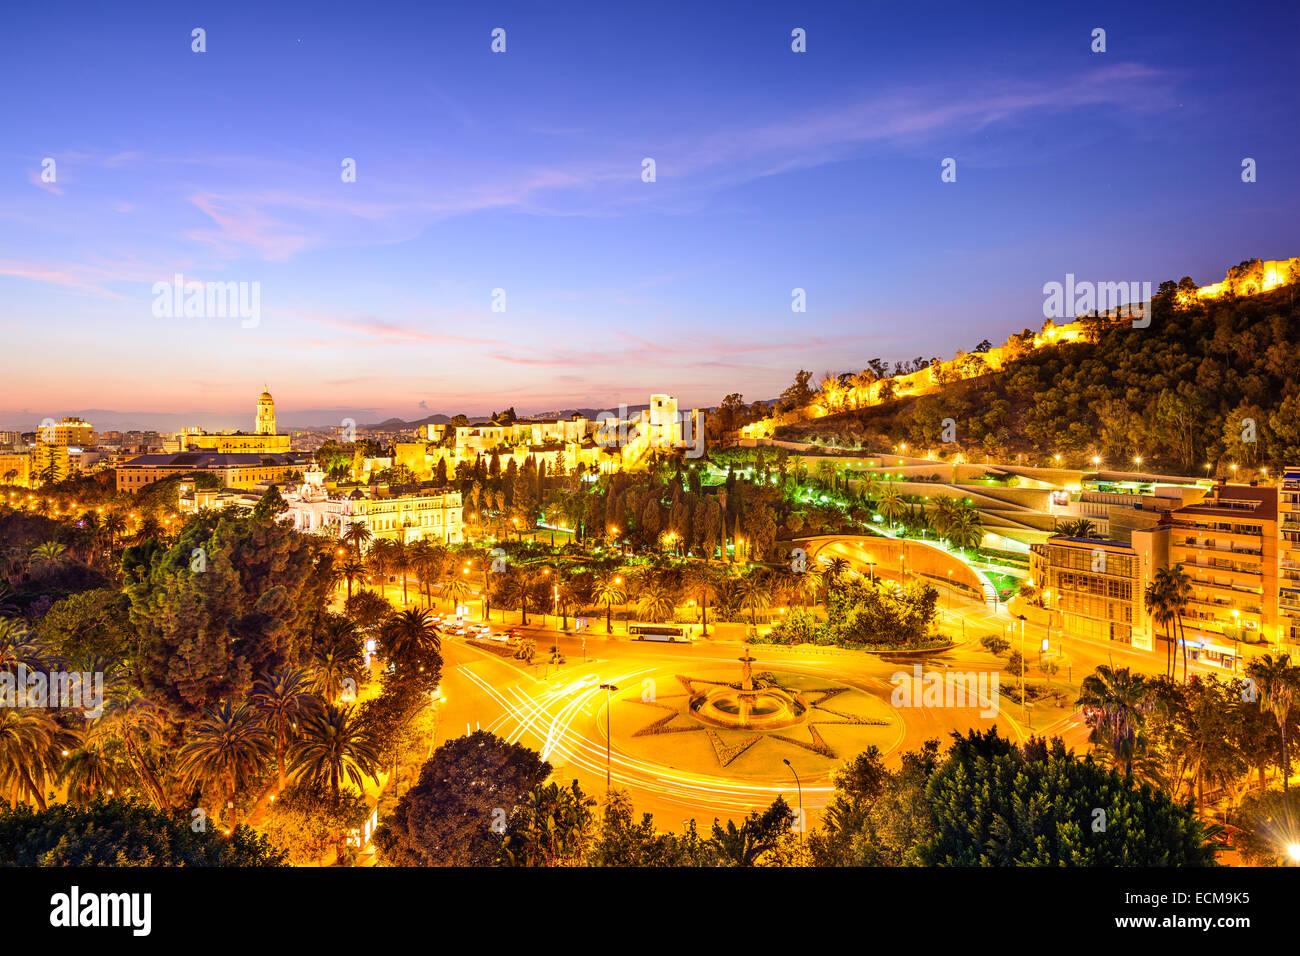 Malaga, Spanien Stadtbild in der Kathedrale, Rathaus und Alcazaba maurische Festung. Stockbild